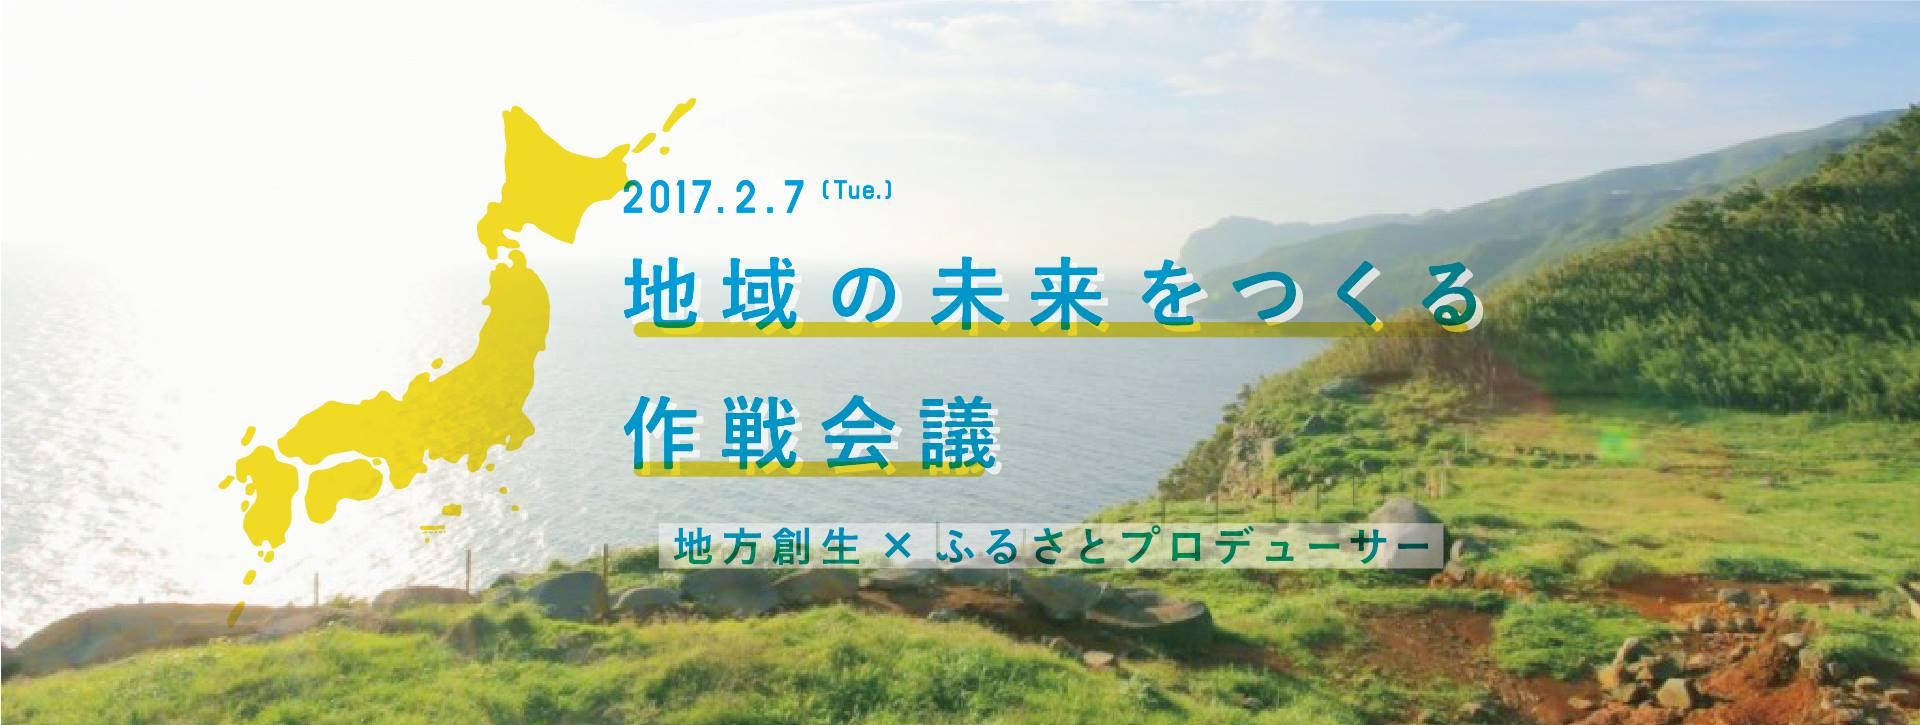 豪華ゲスト イベント第2弾!「地域の未来をつくる作戦会議」!!